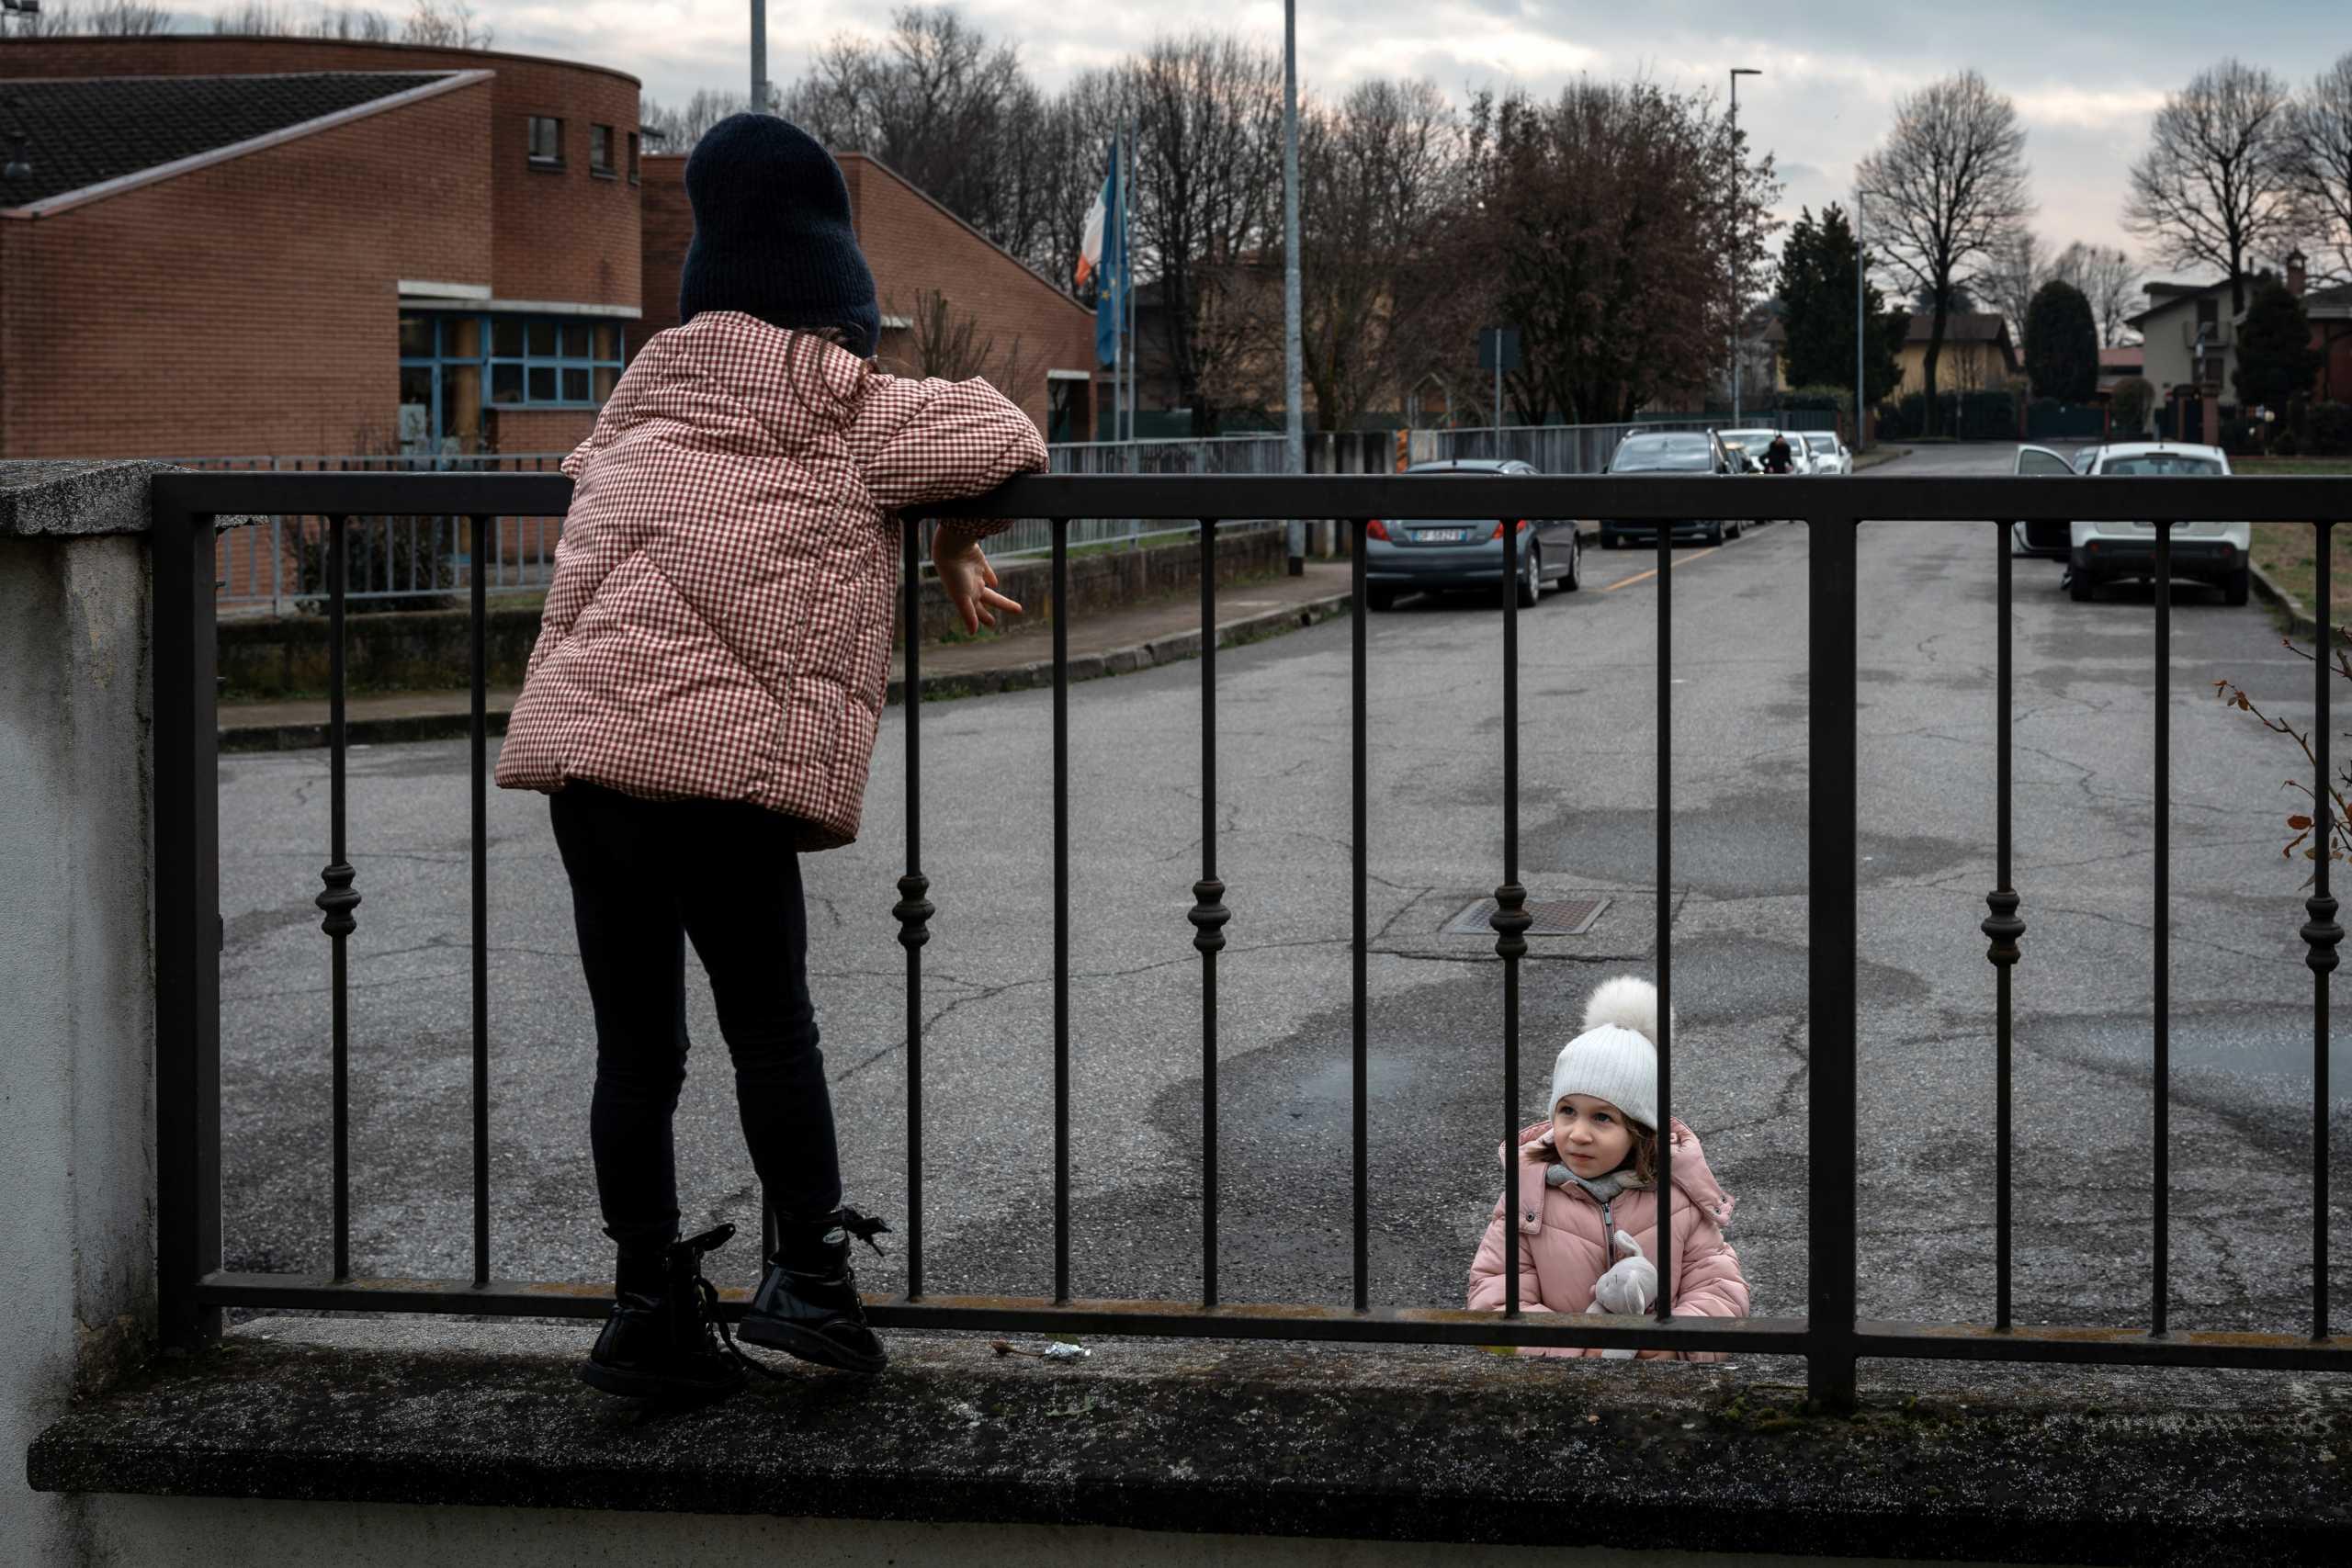 Ιταλία: 10.386 άνθρωποι βγήκαν θετικοί στον κορονοϊό σε μία ημέρα